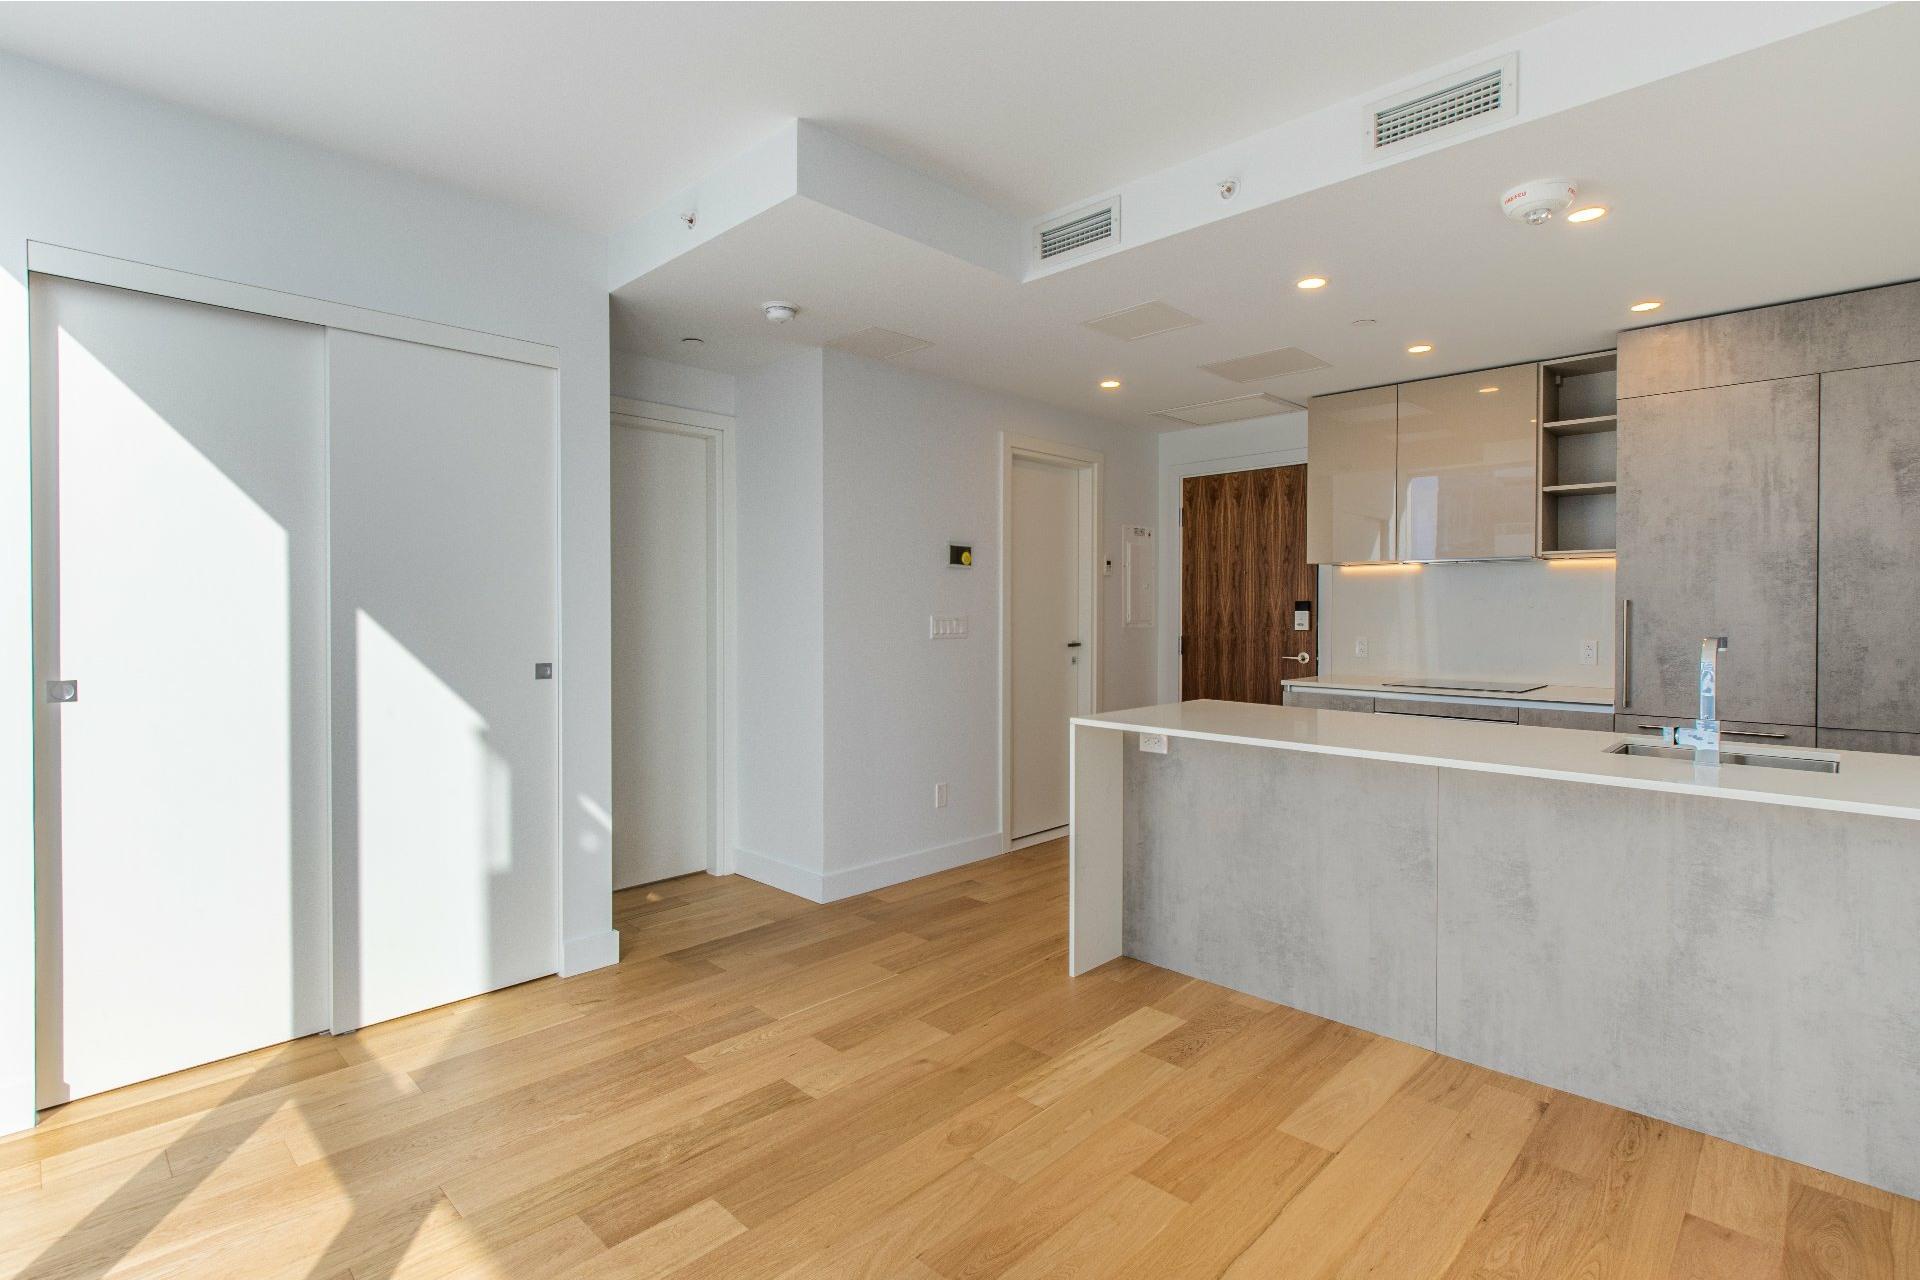 image 3 - Appartement À vendre Ville-Marie Montréal  - 3 pièces